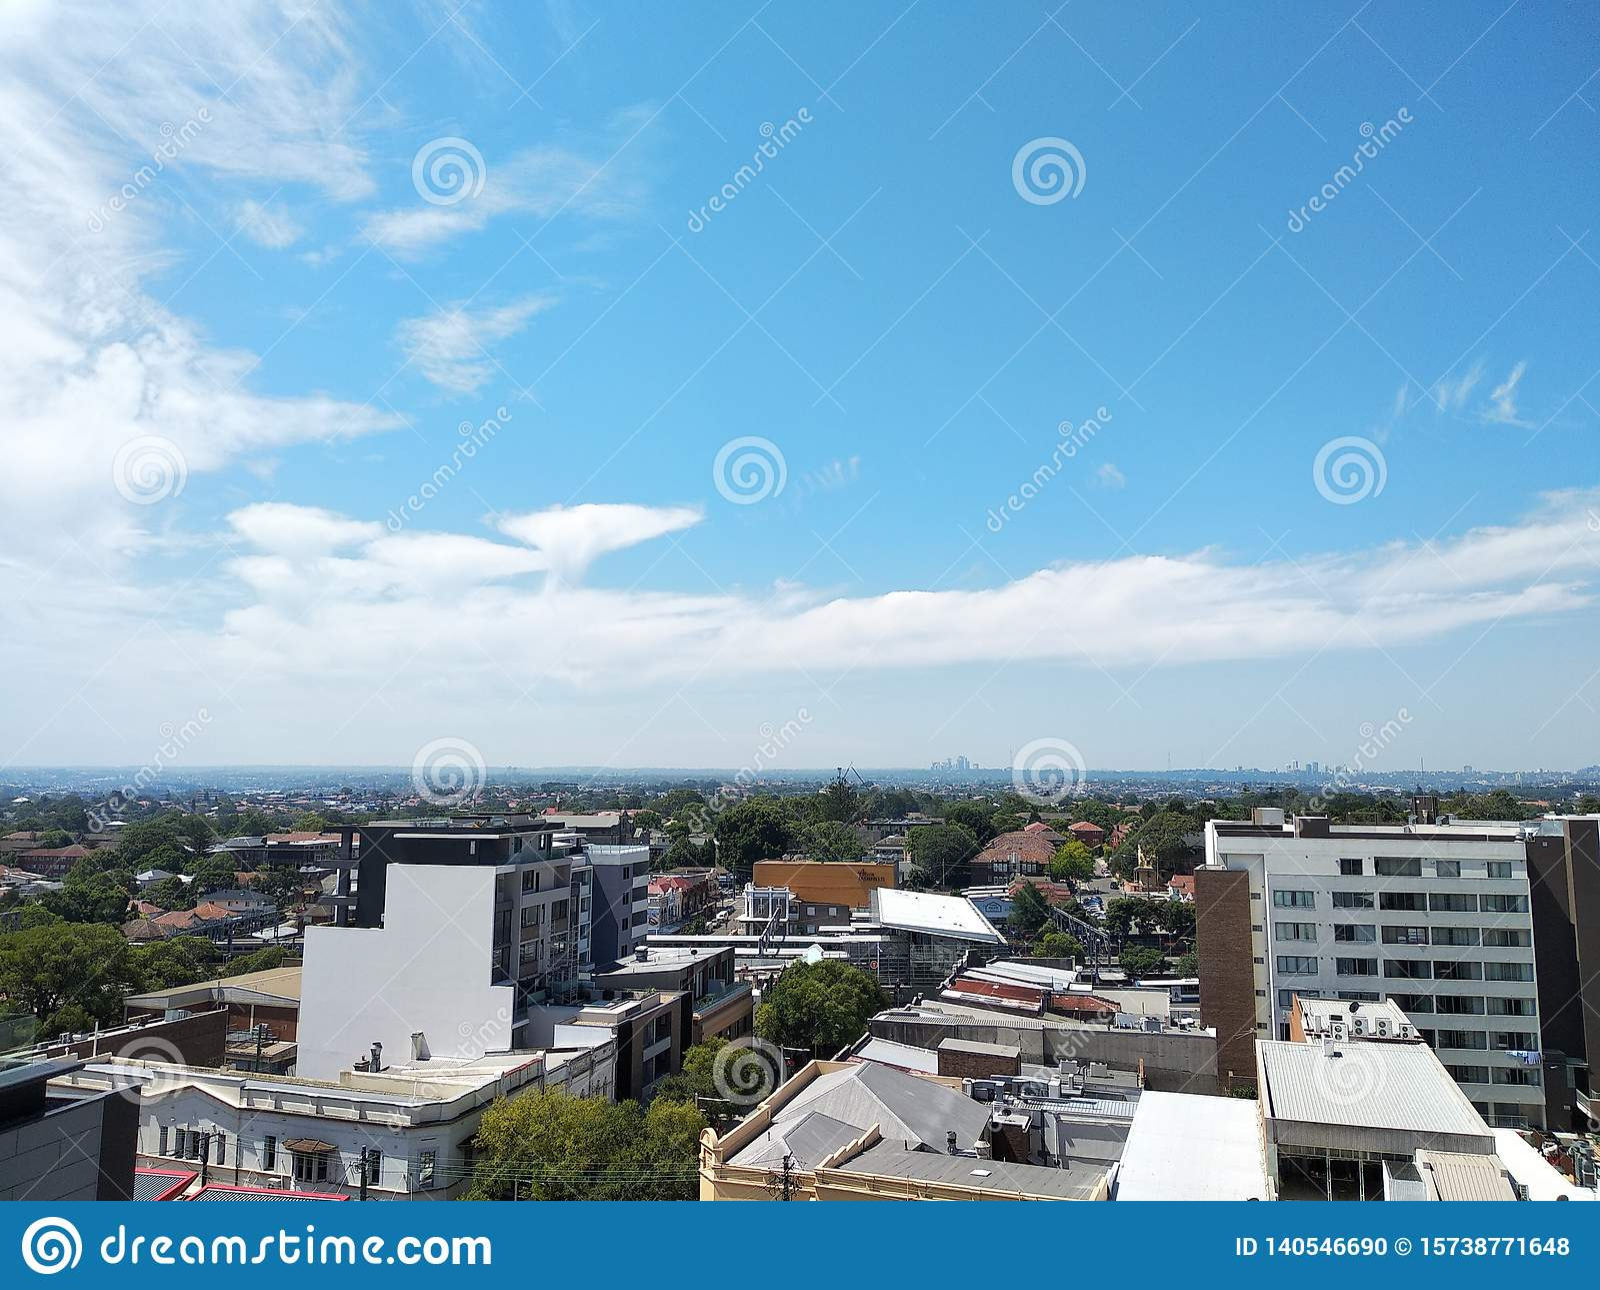 Γραμμή τοπίου πόλεων κάτω από το μπλε ουρανό και τα άσπρα σύννεφα